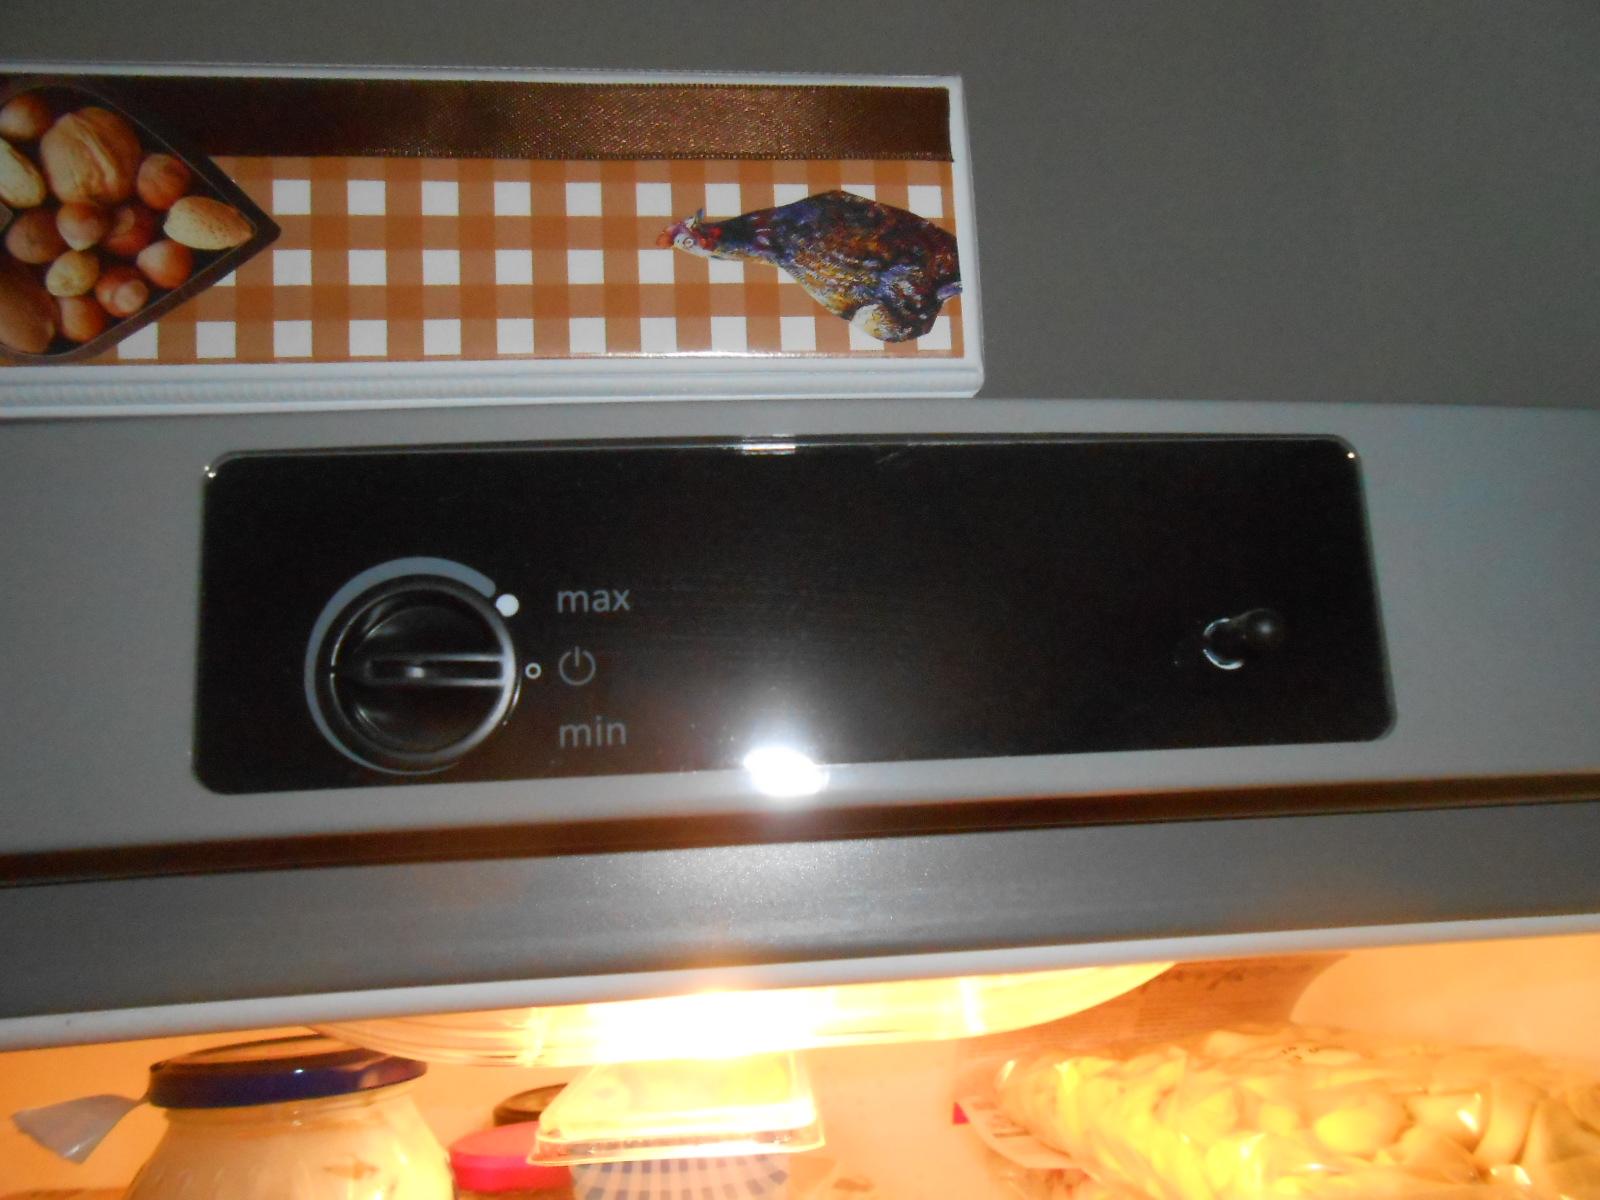 Gorenje Kühlschrank A : Gorenje kühlschrank minmax temperatur regler